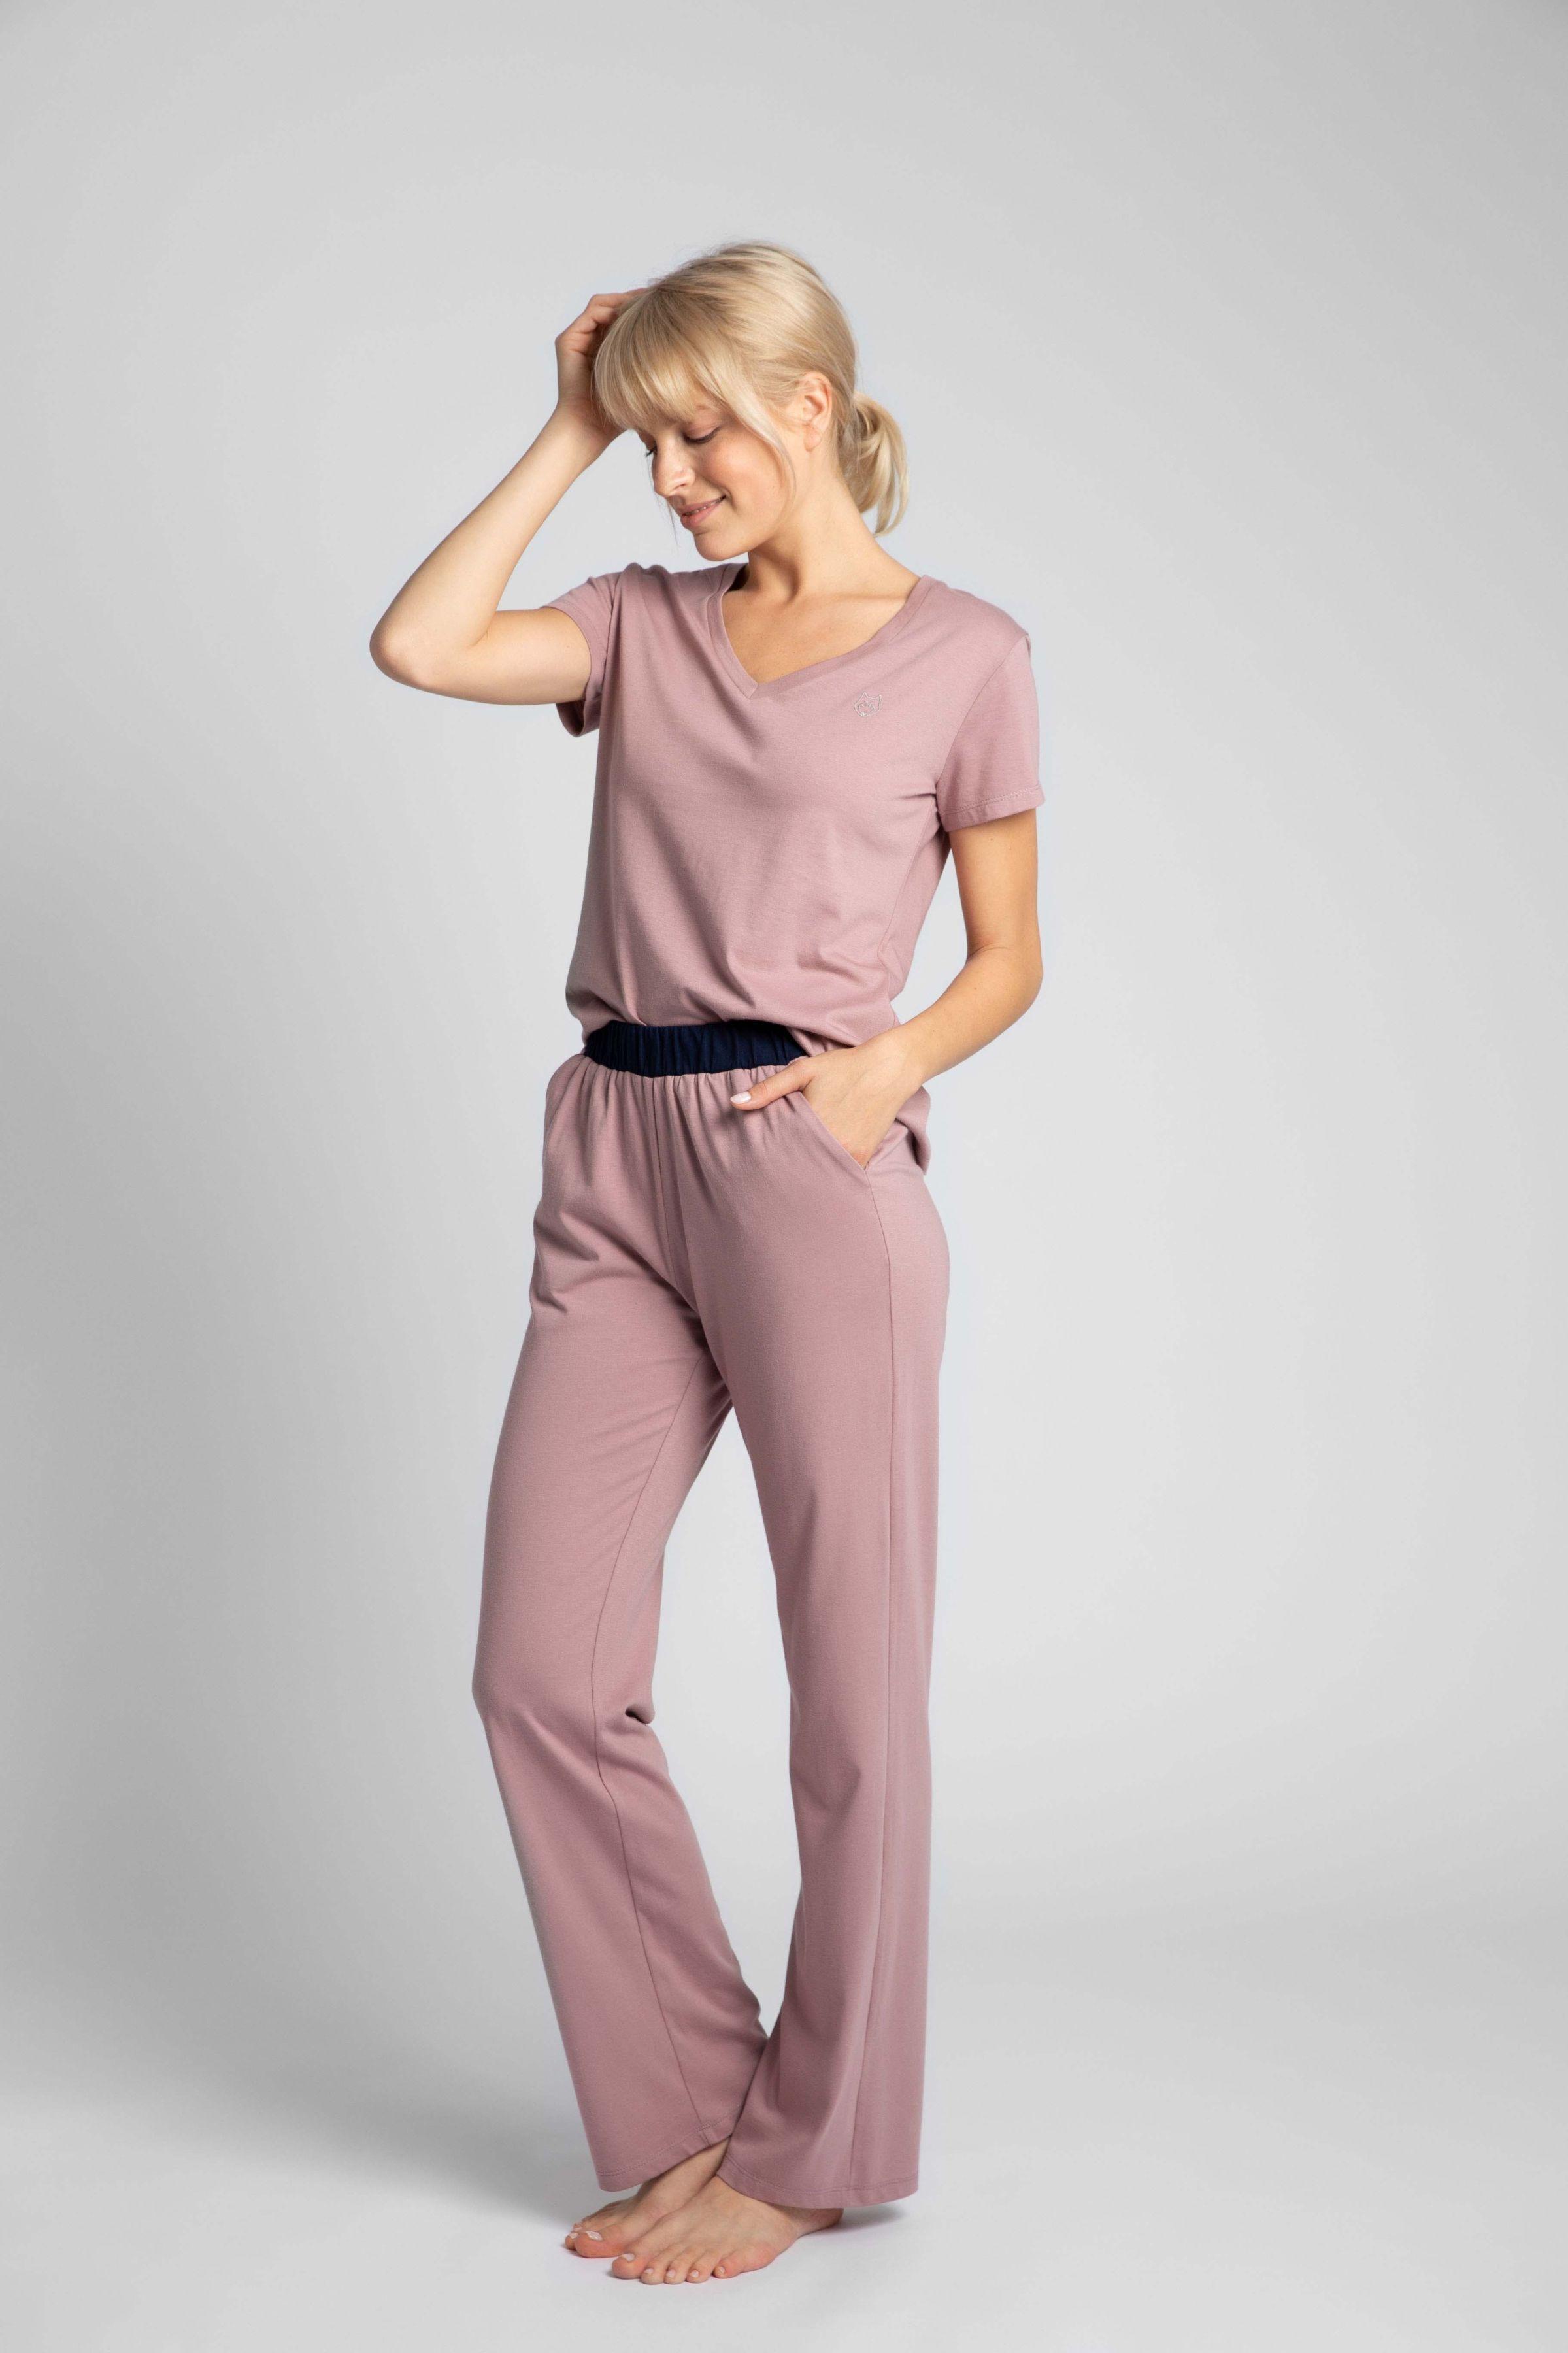 Długie bawełniane spodnie do spania - wrzosowe